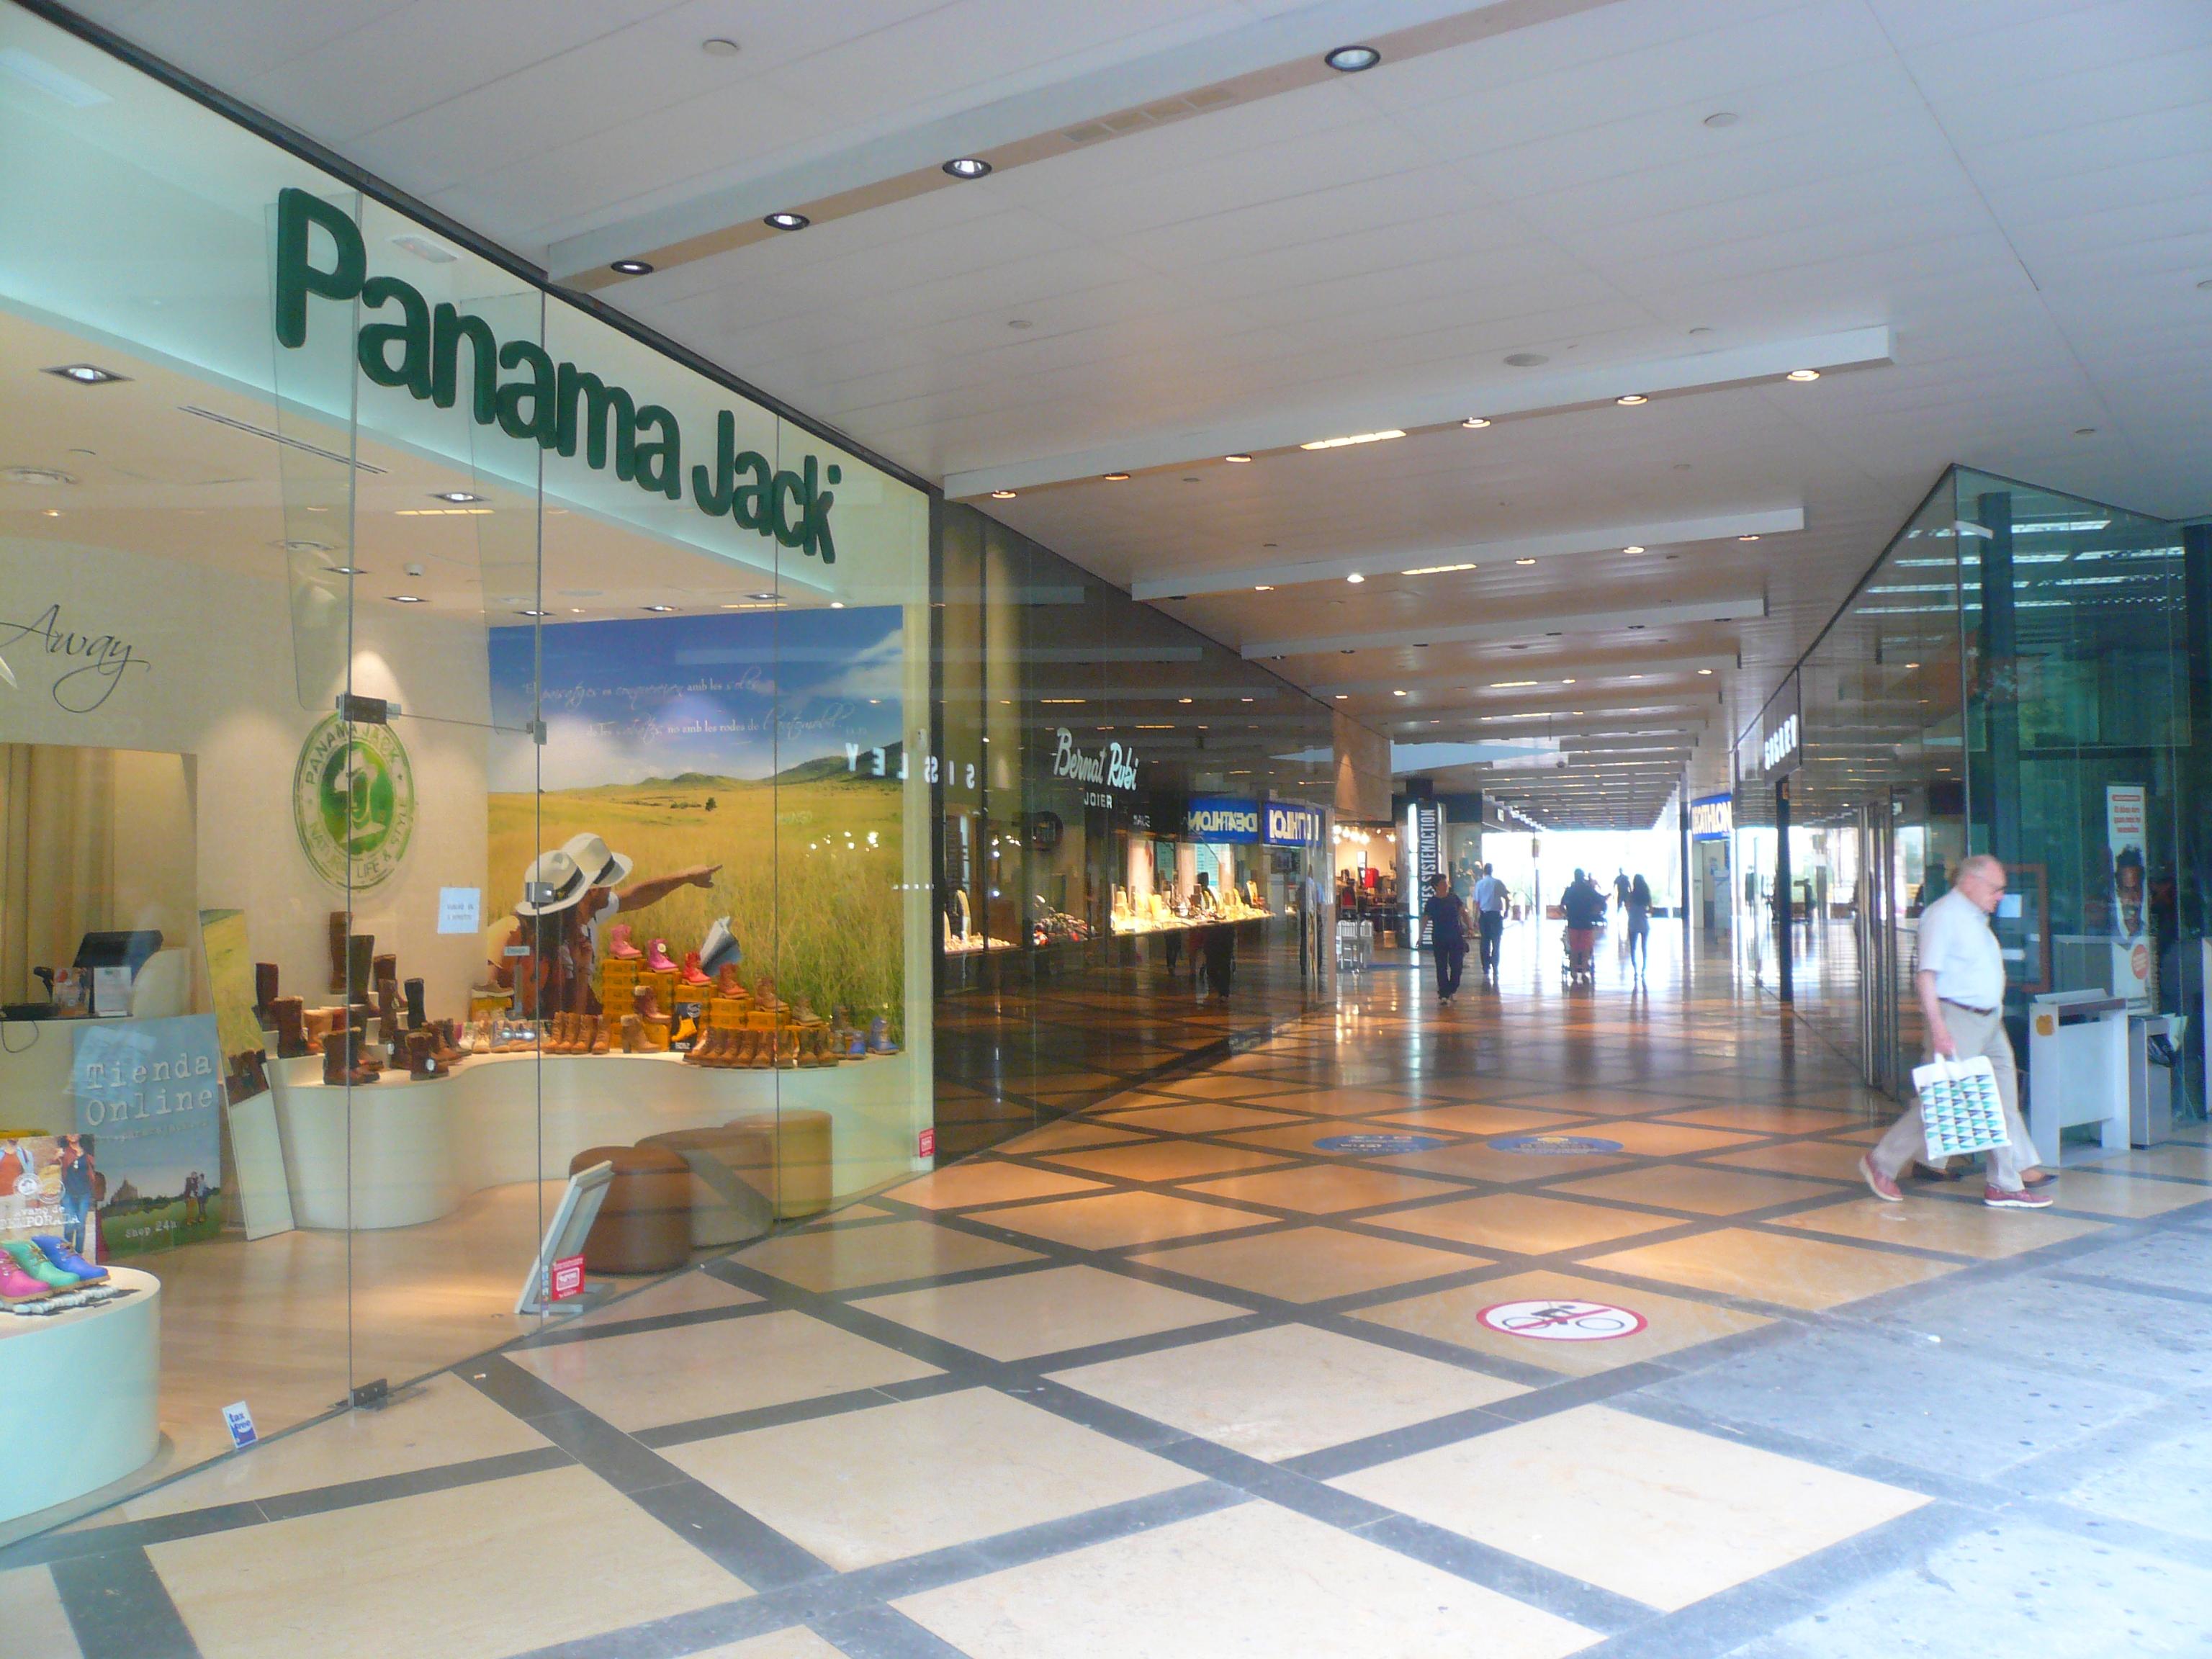 Le centre commercial l 39 illa diagonal barcelona home blog - Centre comercial la illa ...